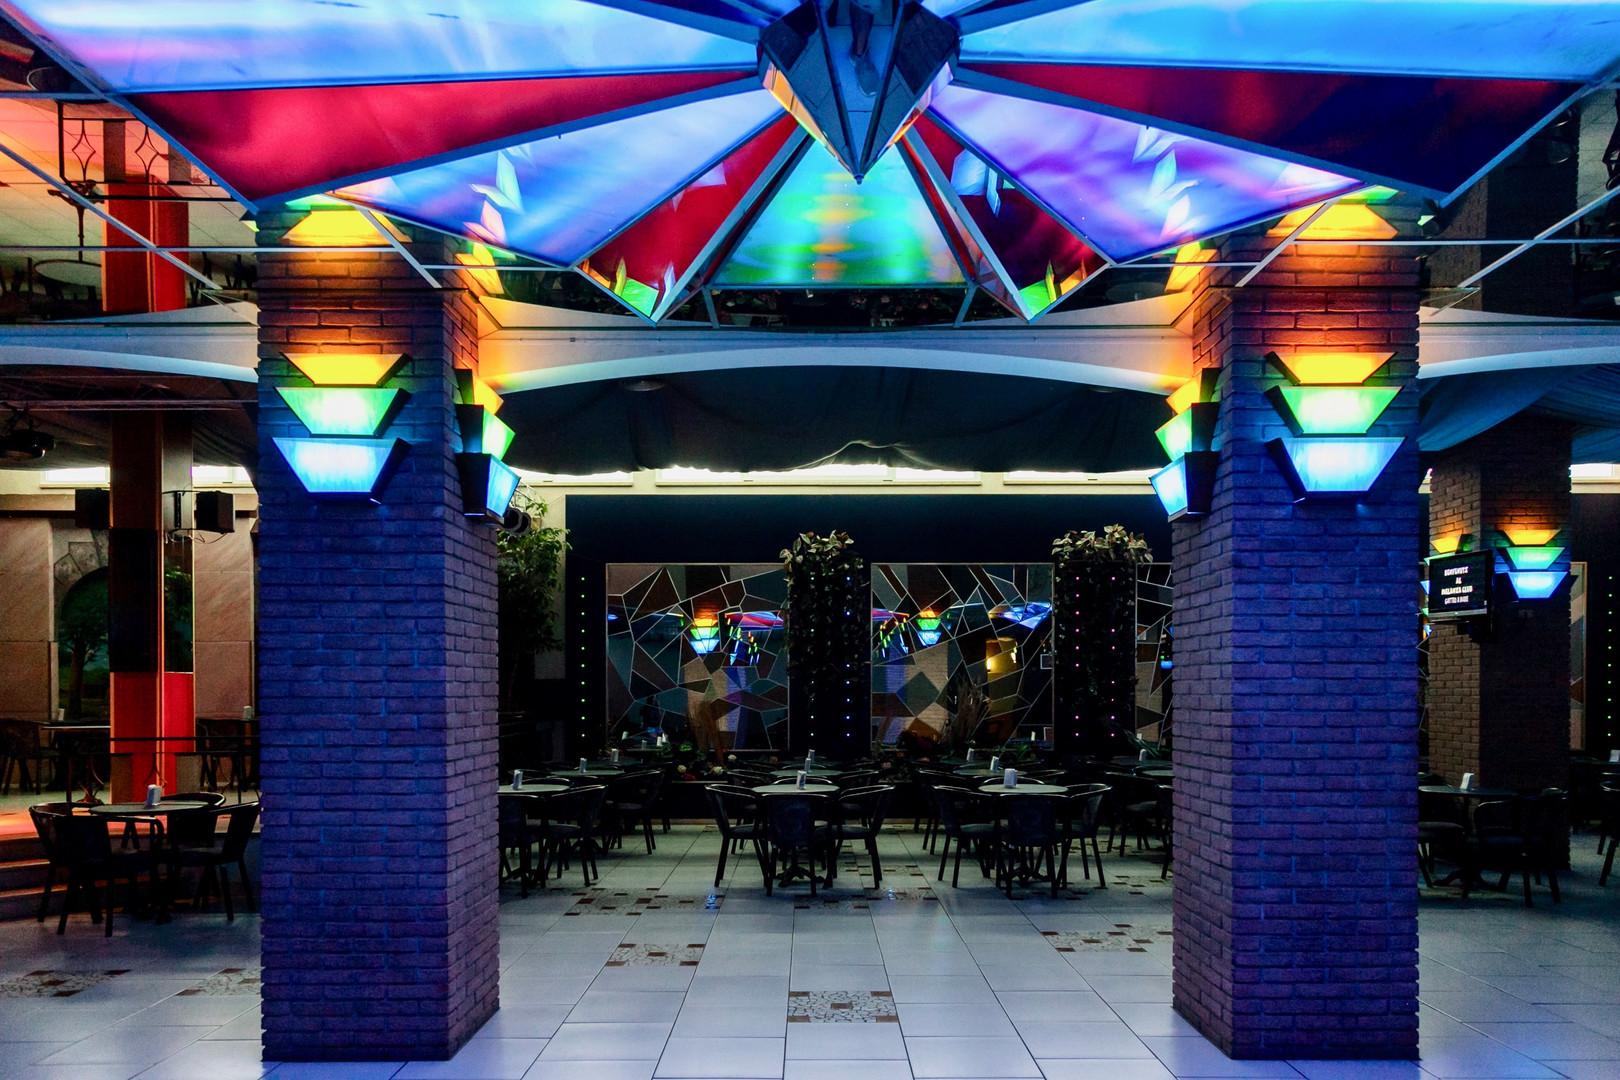 Melania Club gobbi hotel gatteo mare.jpe